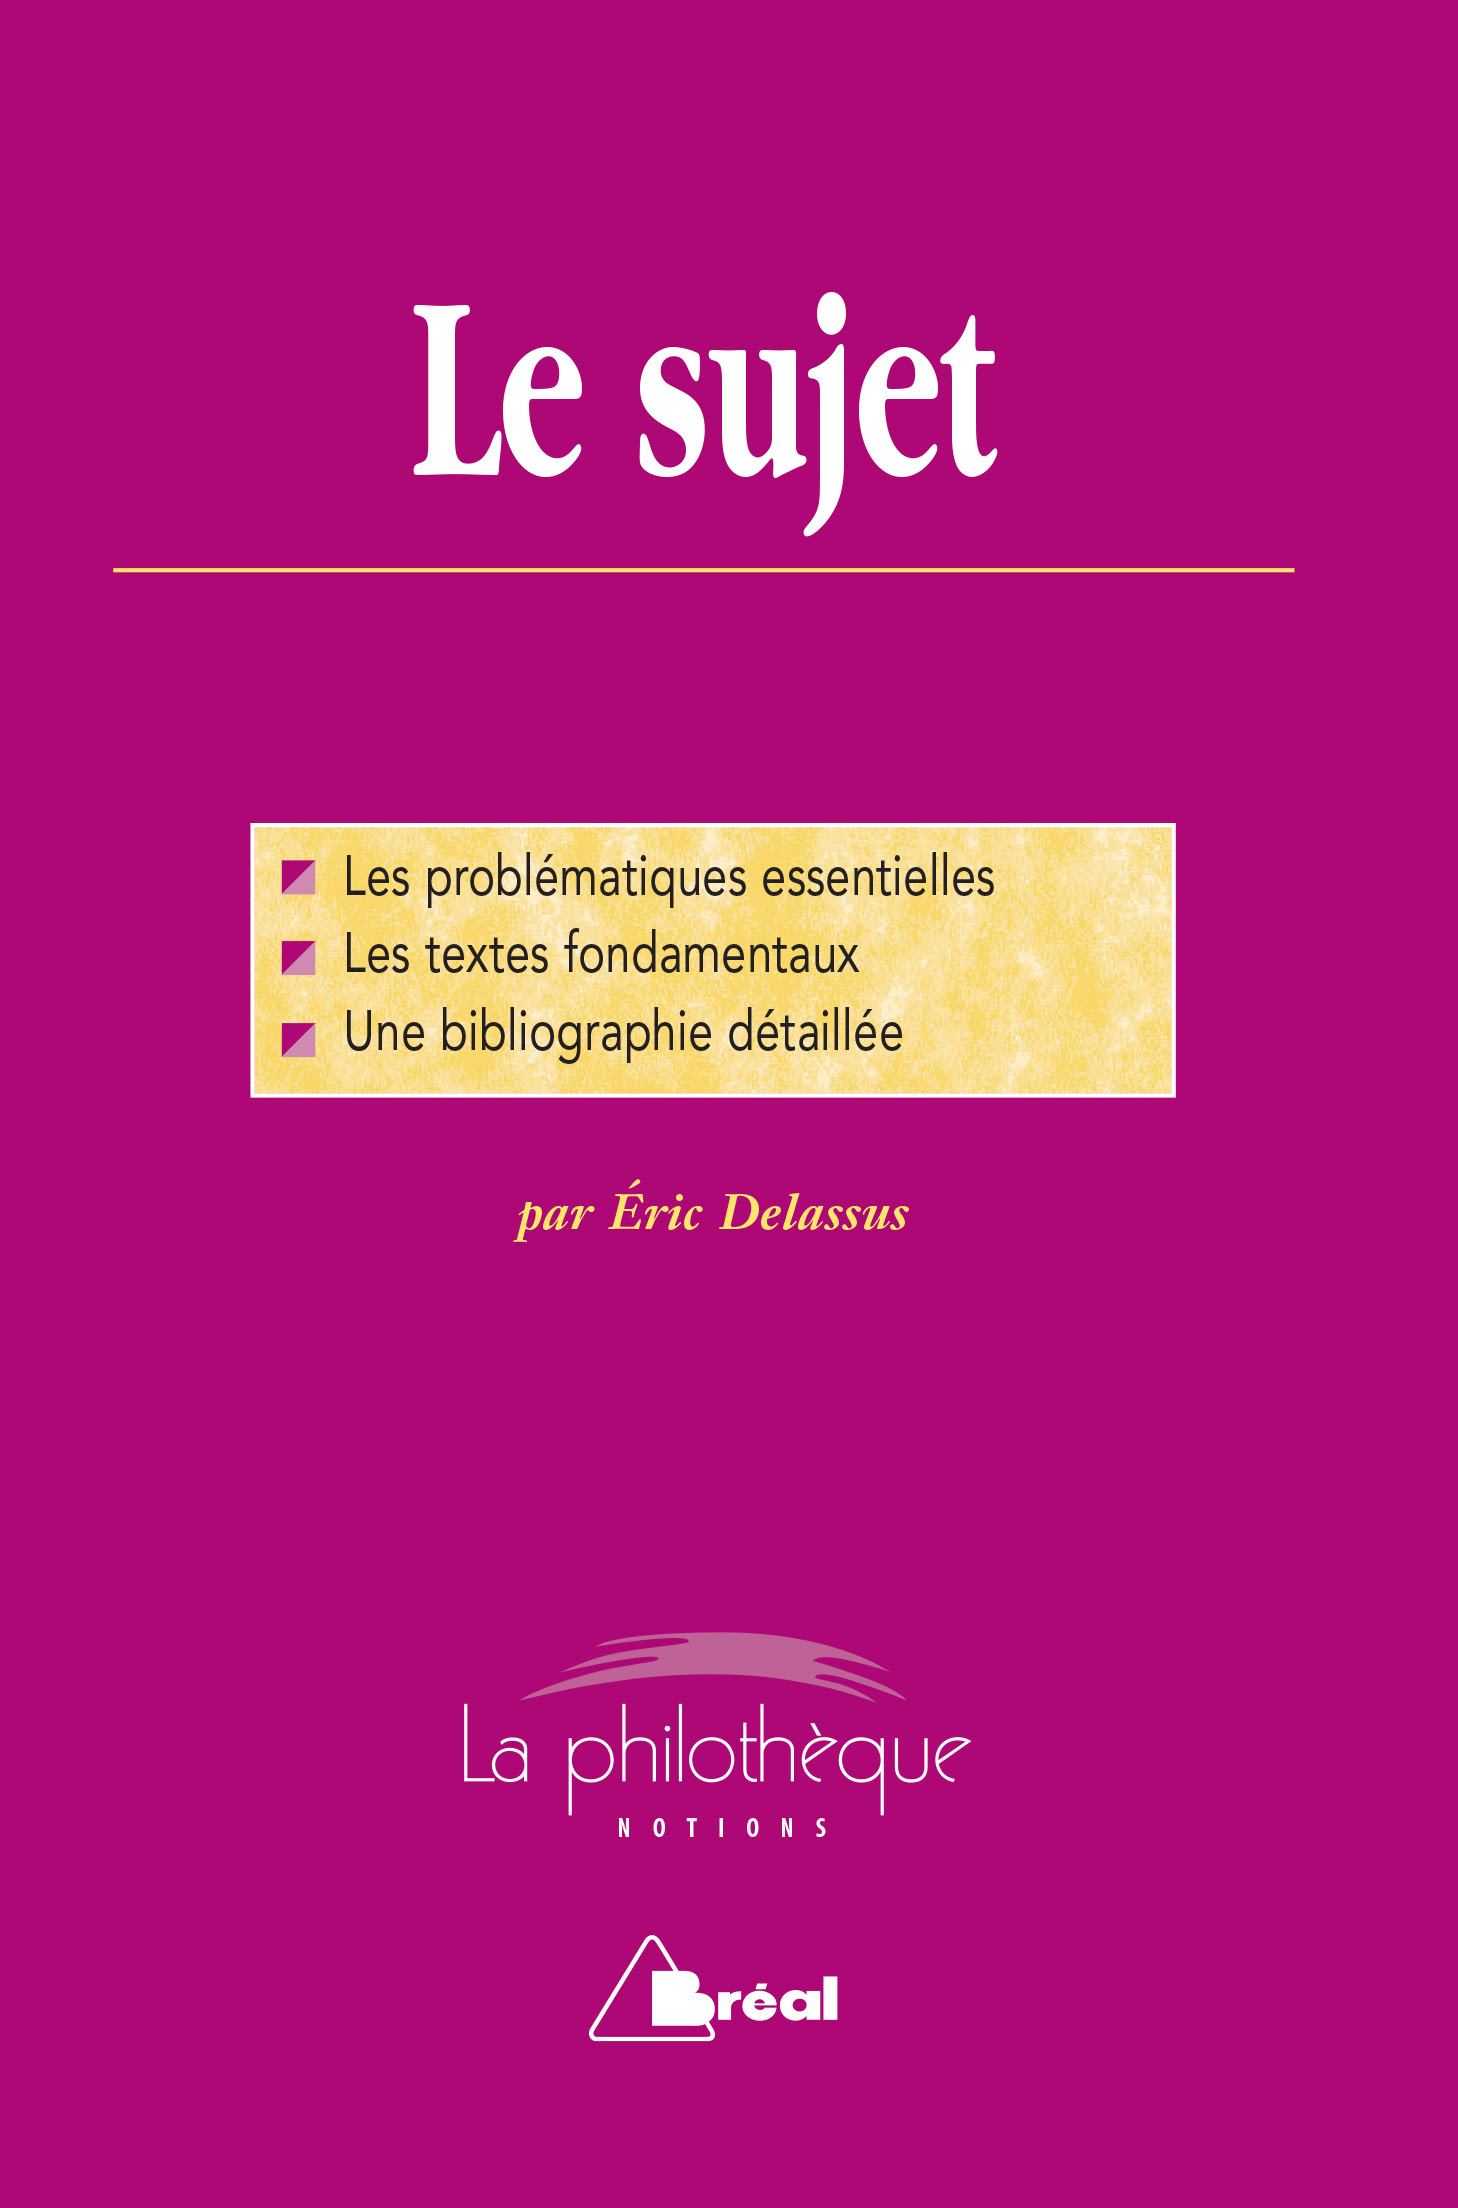 Spinoza Lettre à Schuller Exemple De La Pierre - Exemple ...